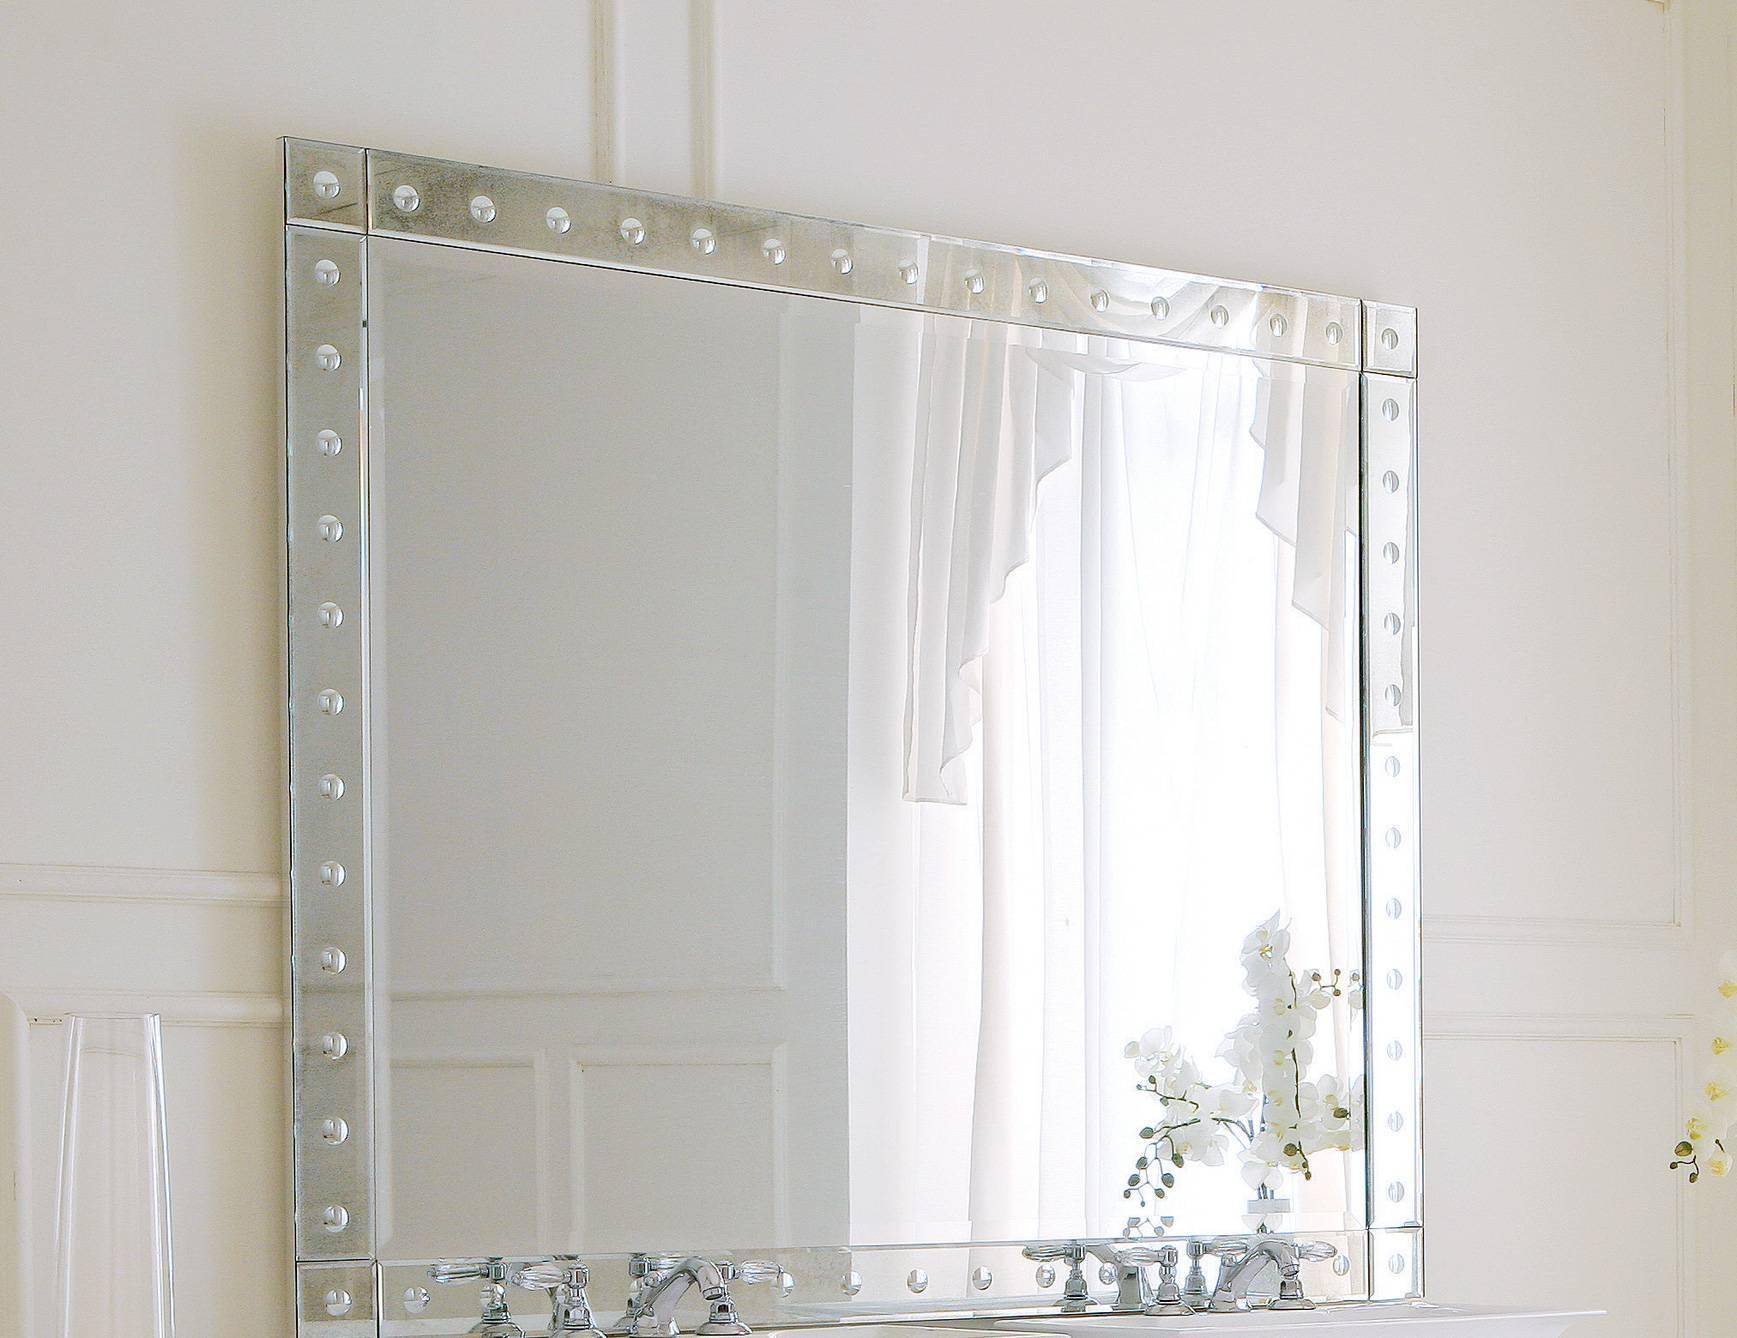 Hermitage H1 High End Italian Bathroom Vanity In Venetian Mirror pertaining to Venetian Bathroom Mirrors (Image 15 of 25)